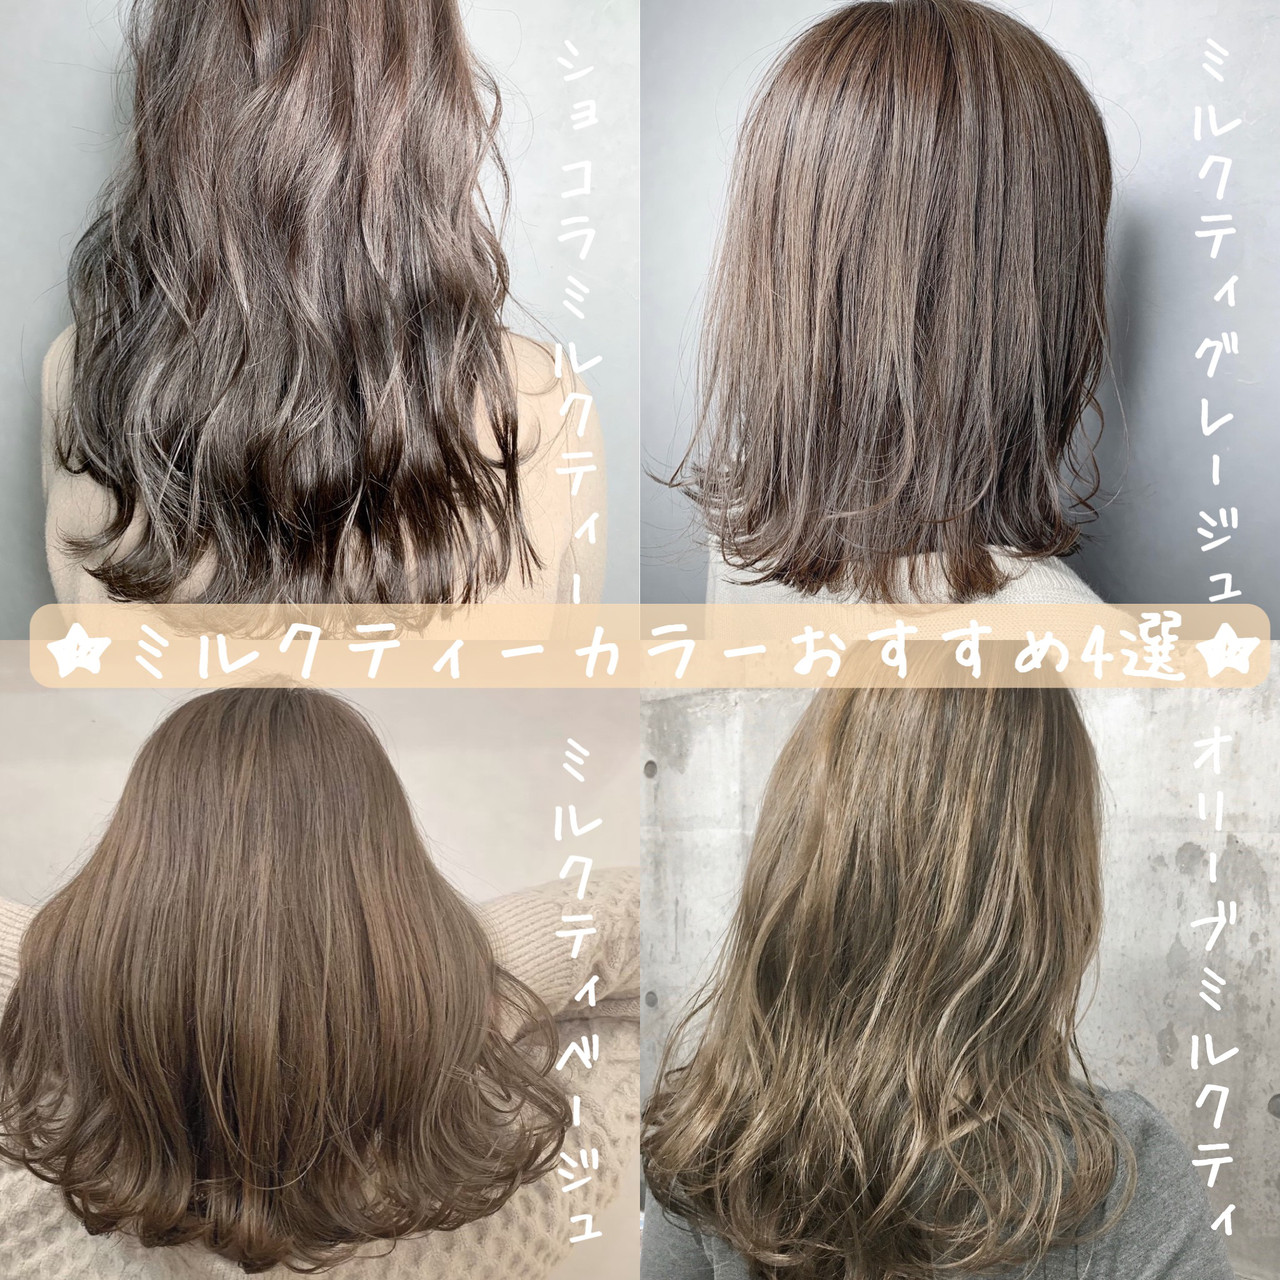 ミルクティーアッシュ ミルクティーグレージュ ベージュ ミルクティーブラウンヘアスタイルや髪型の写真・画像